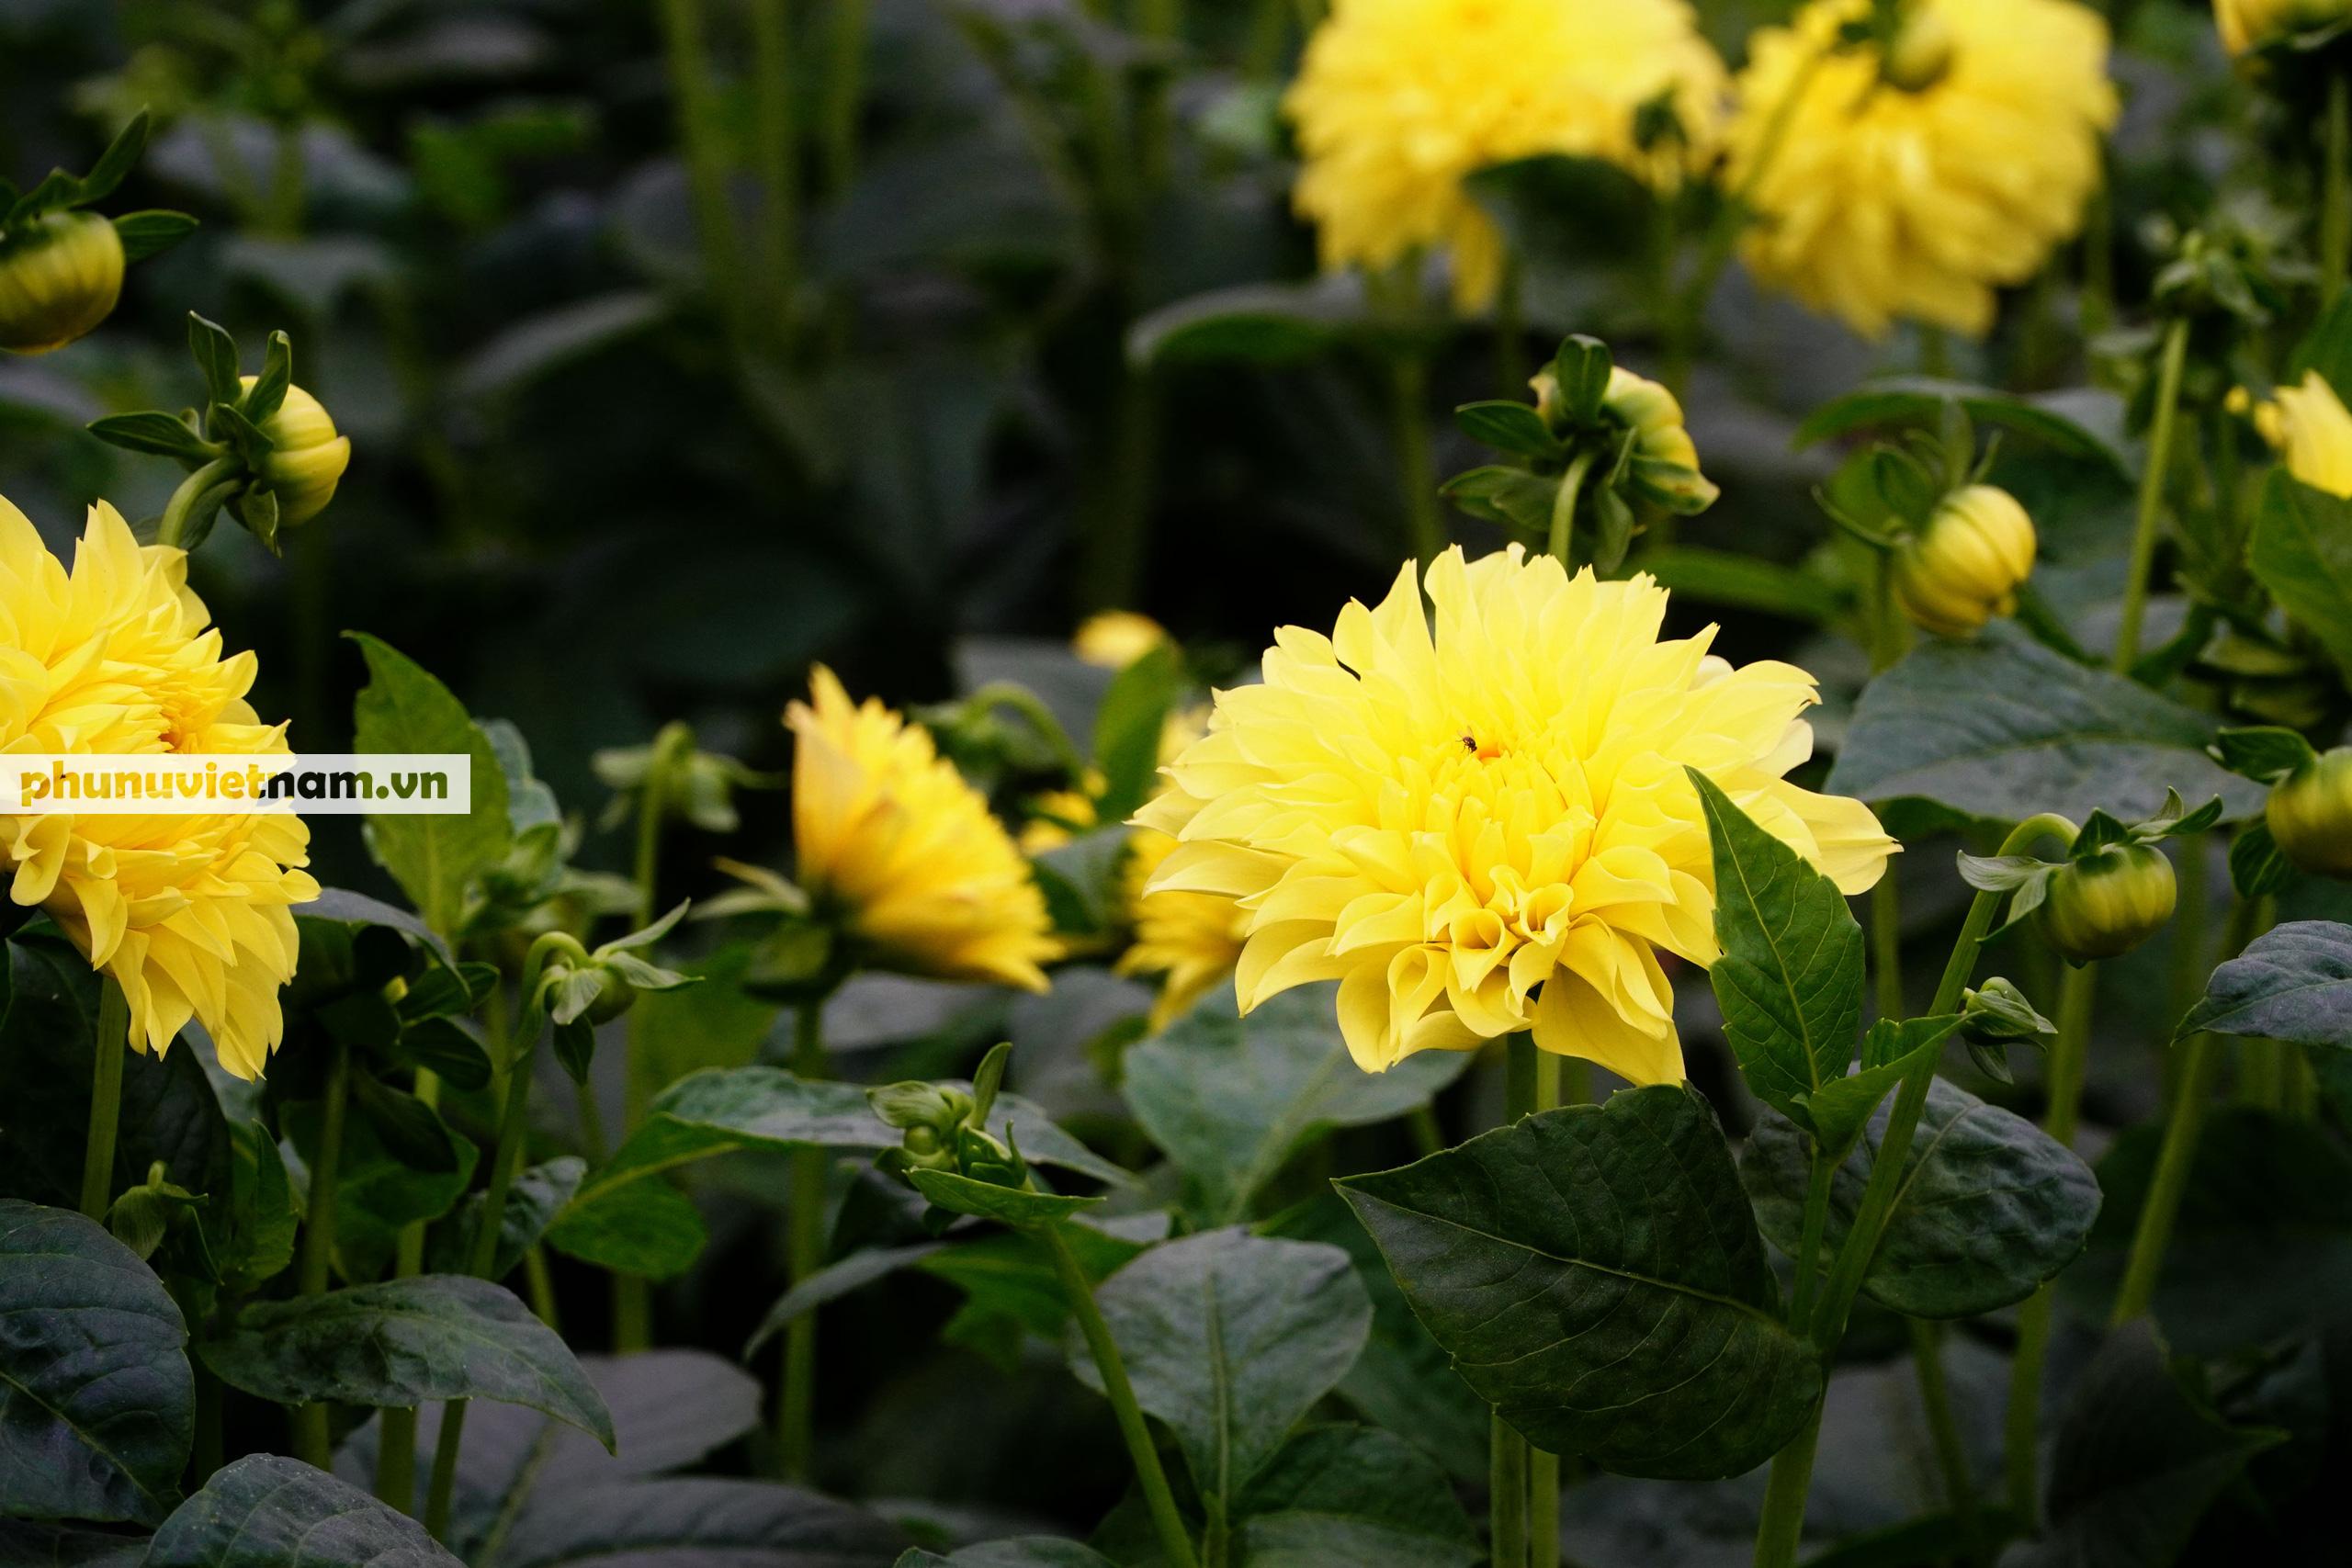 """Làng hoa lâu đời nhất Hà Nội """"hối hả"""" vào vụ Tết - Ảnh 13."""